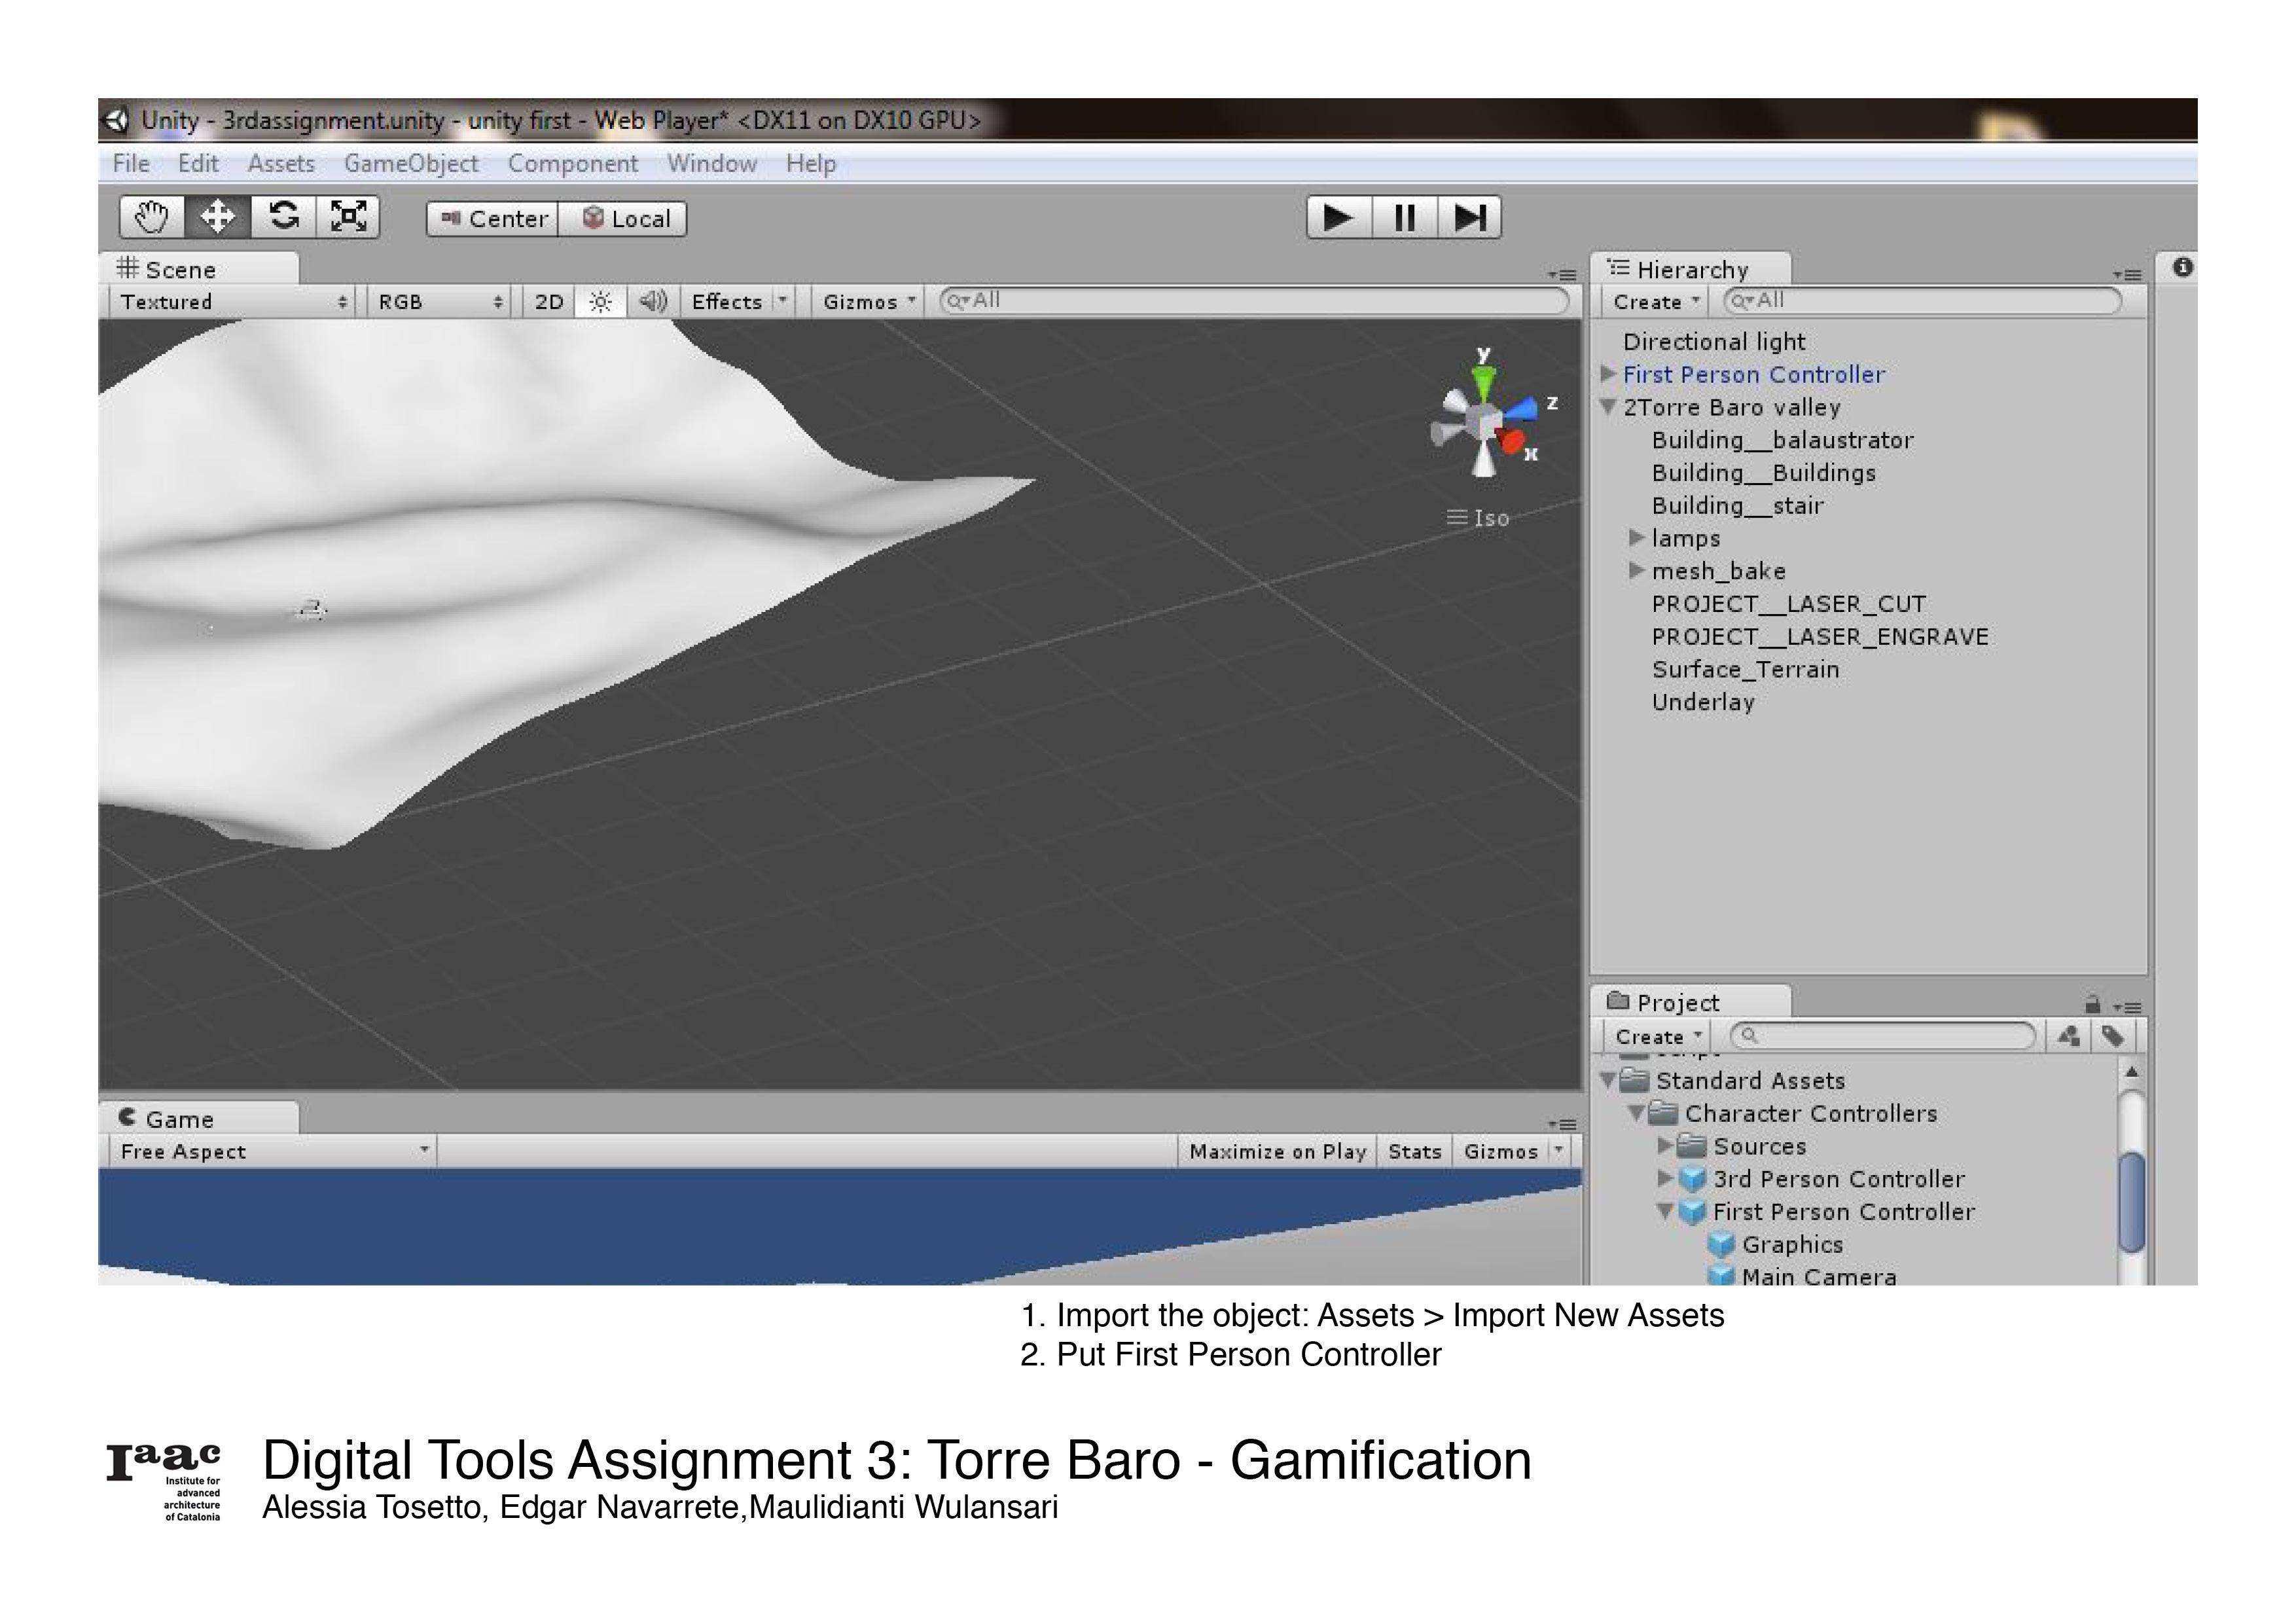 Torre Baro - Gamification – IAAC Blog